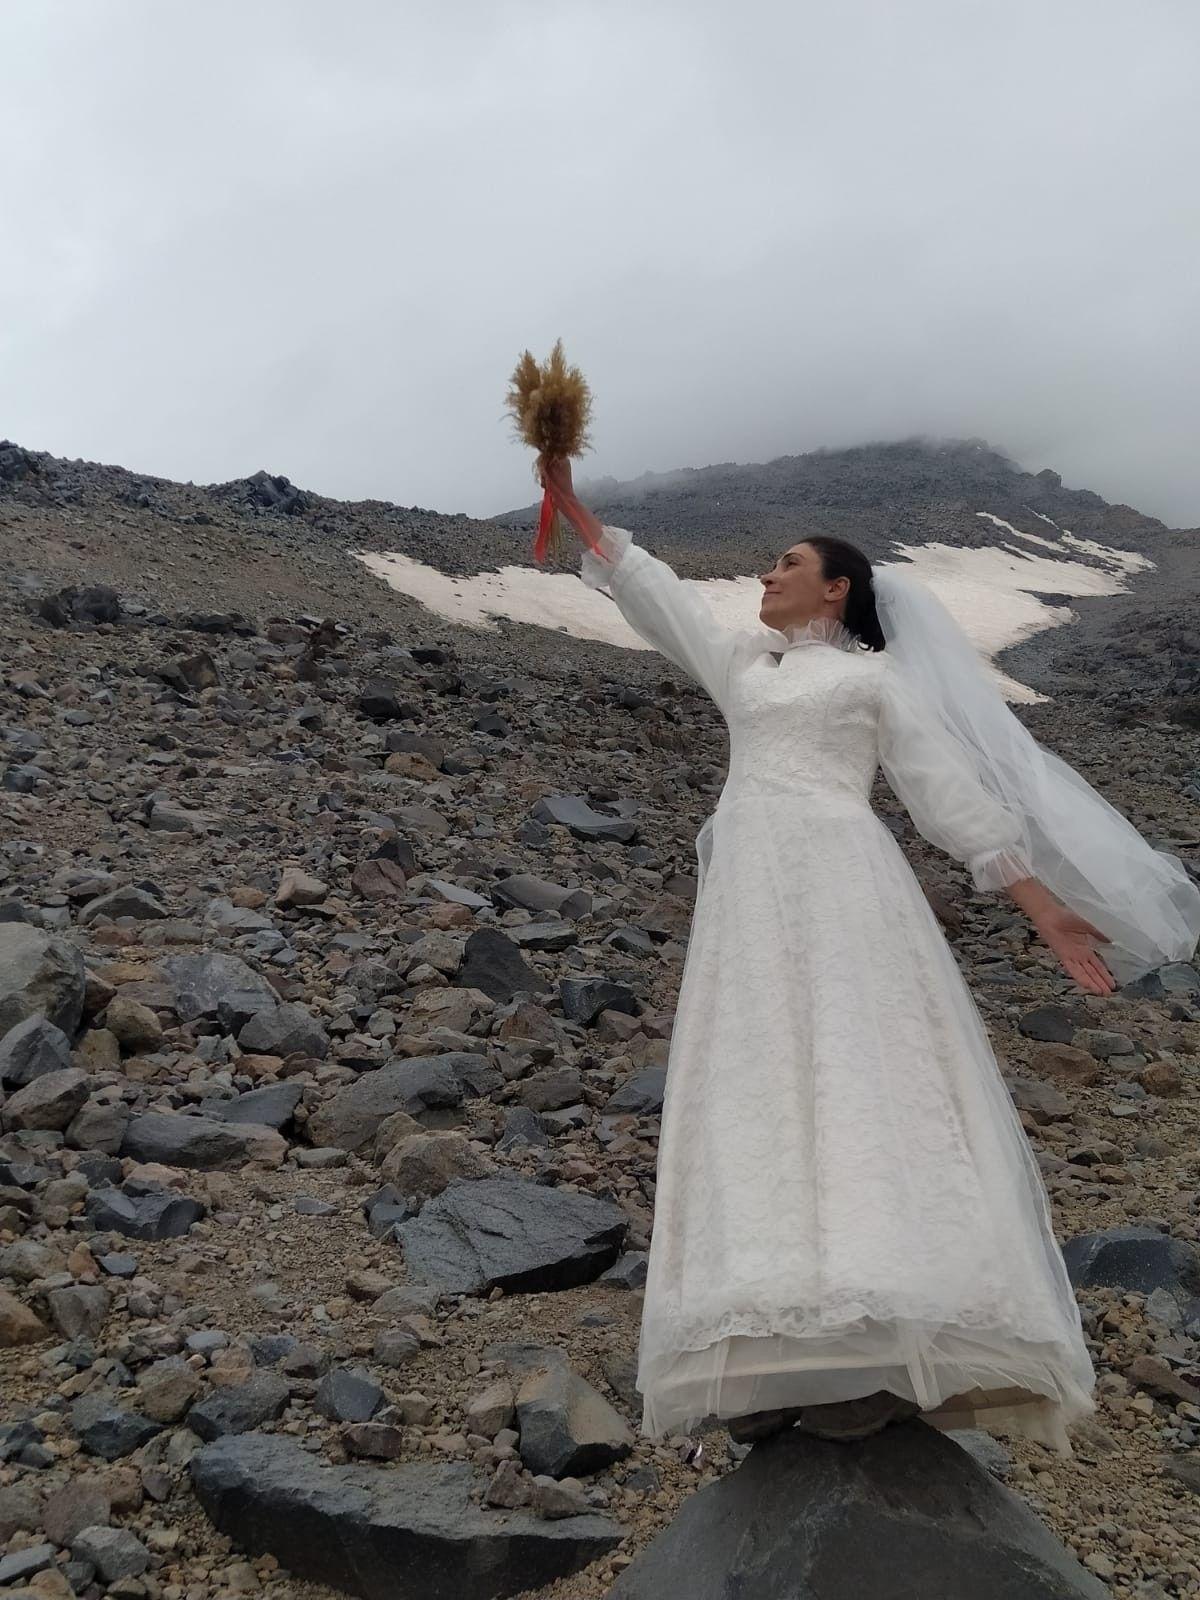 2021/07/gelinlik-giyip-agri-dagi-ile-evlendi-20210727AW37-1.jpg